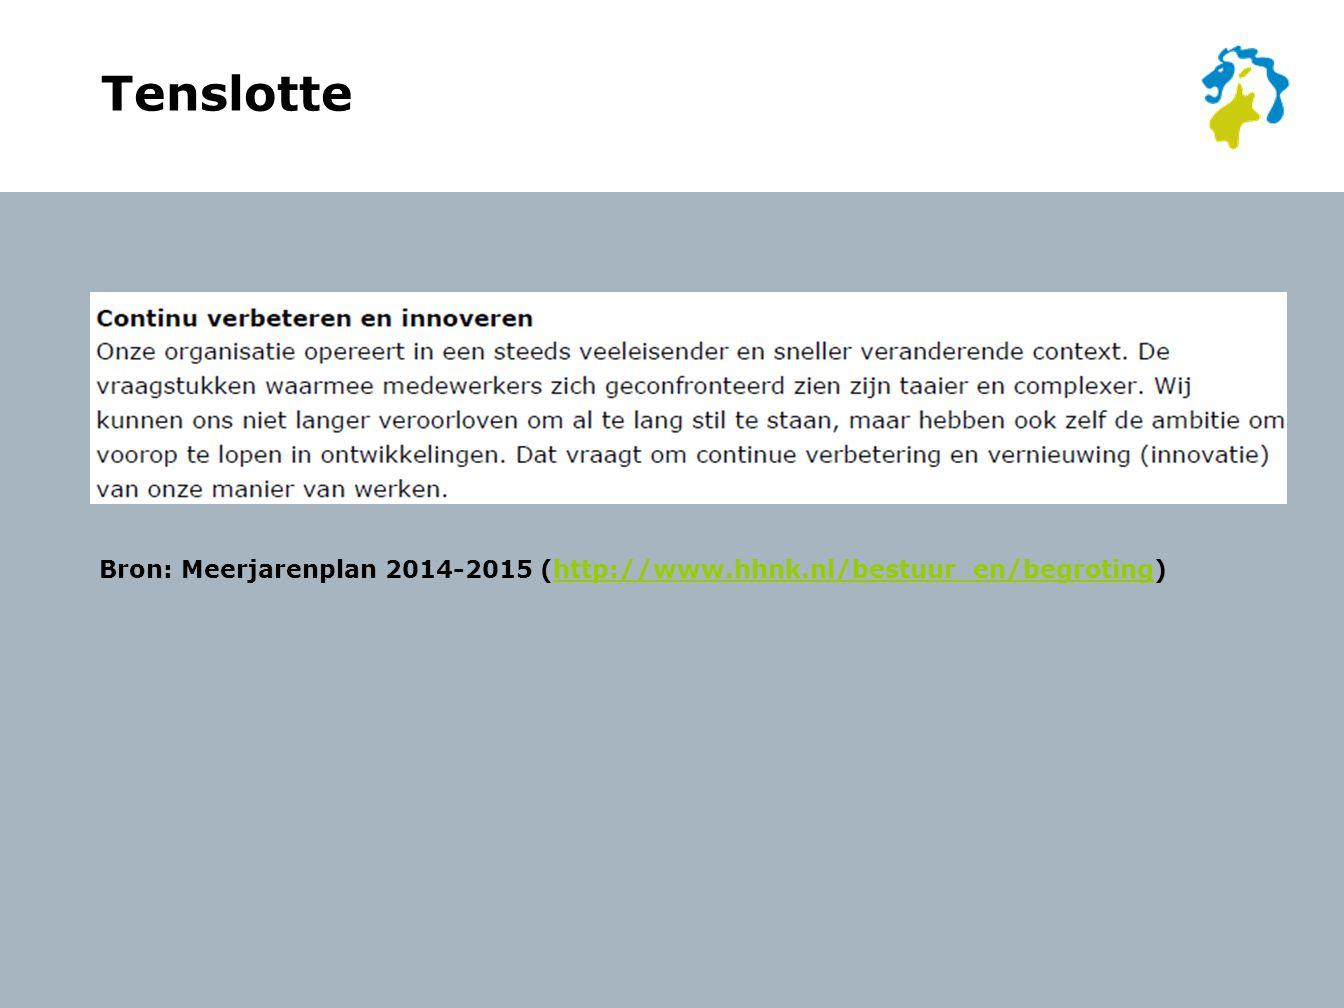 Tenslotte Bron: Meerjarenplan 2014-2015 (http://www.hhnk.nl/bestuur_en/begroting)http://www.hhnk.nl/bestuur_en/begroting